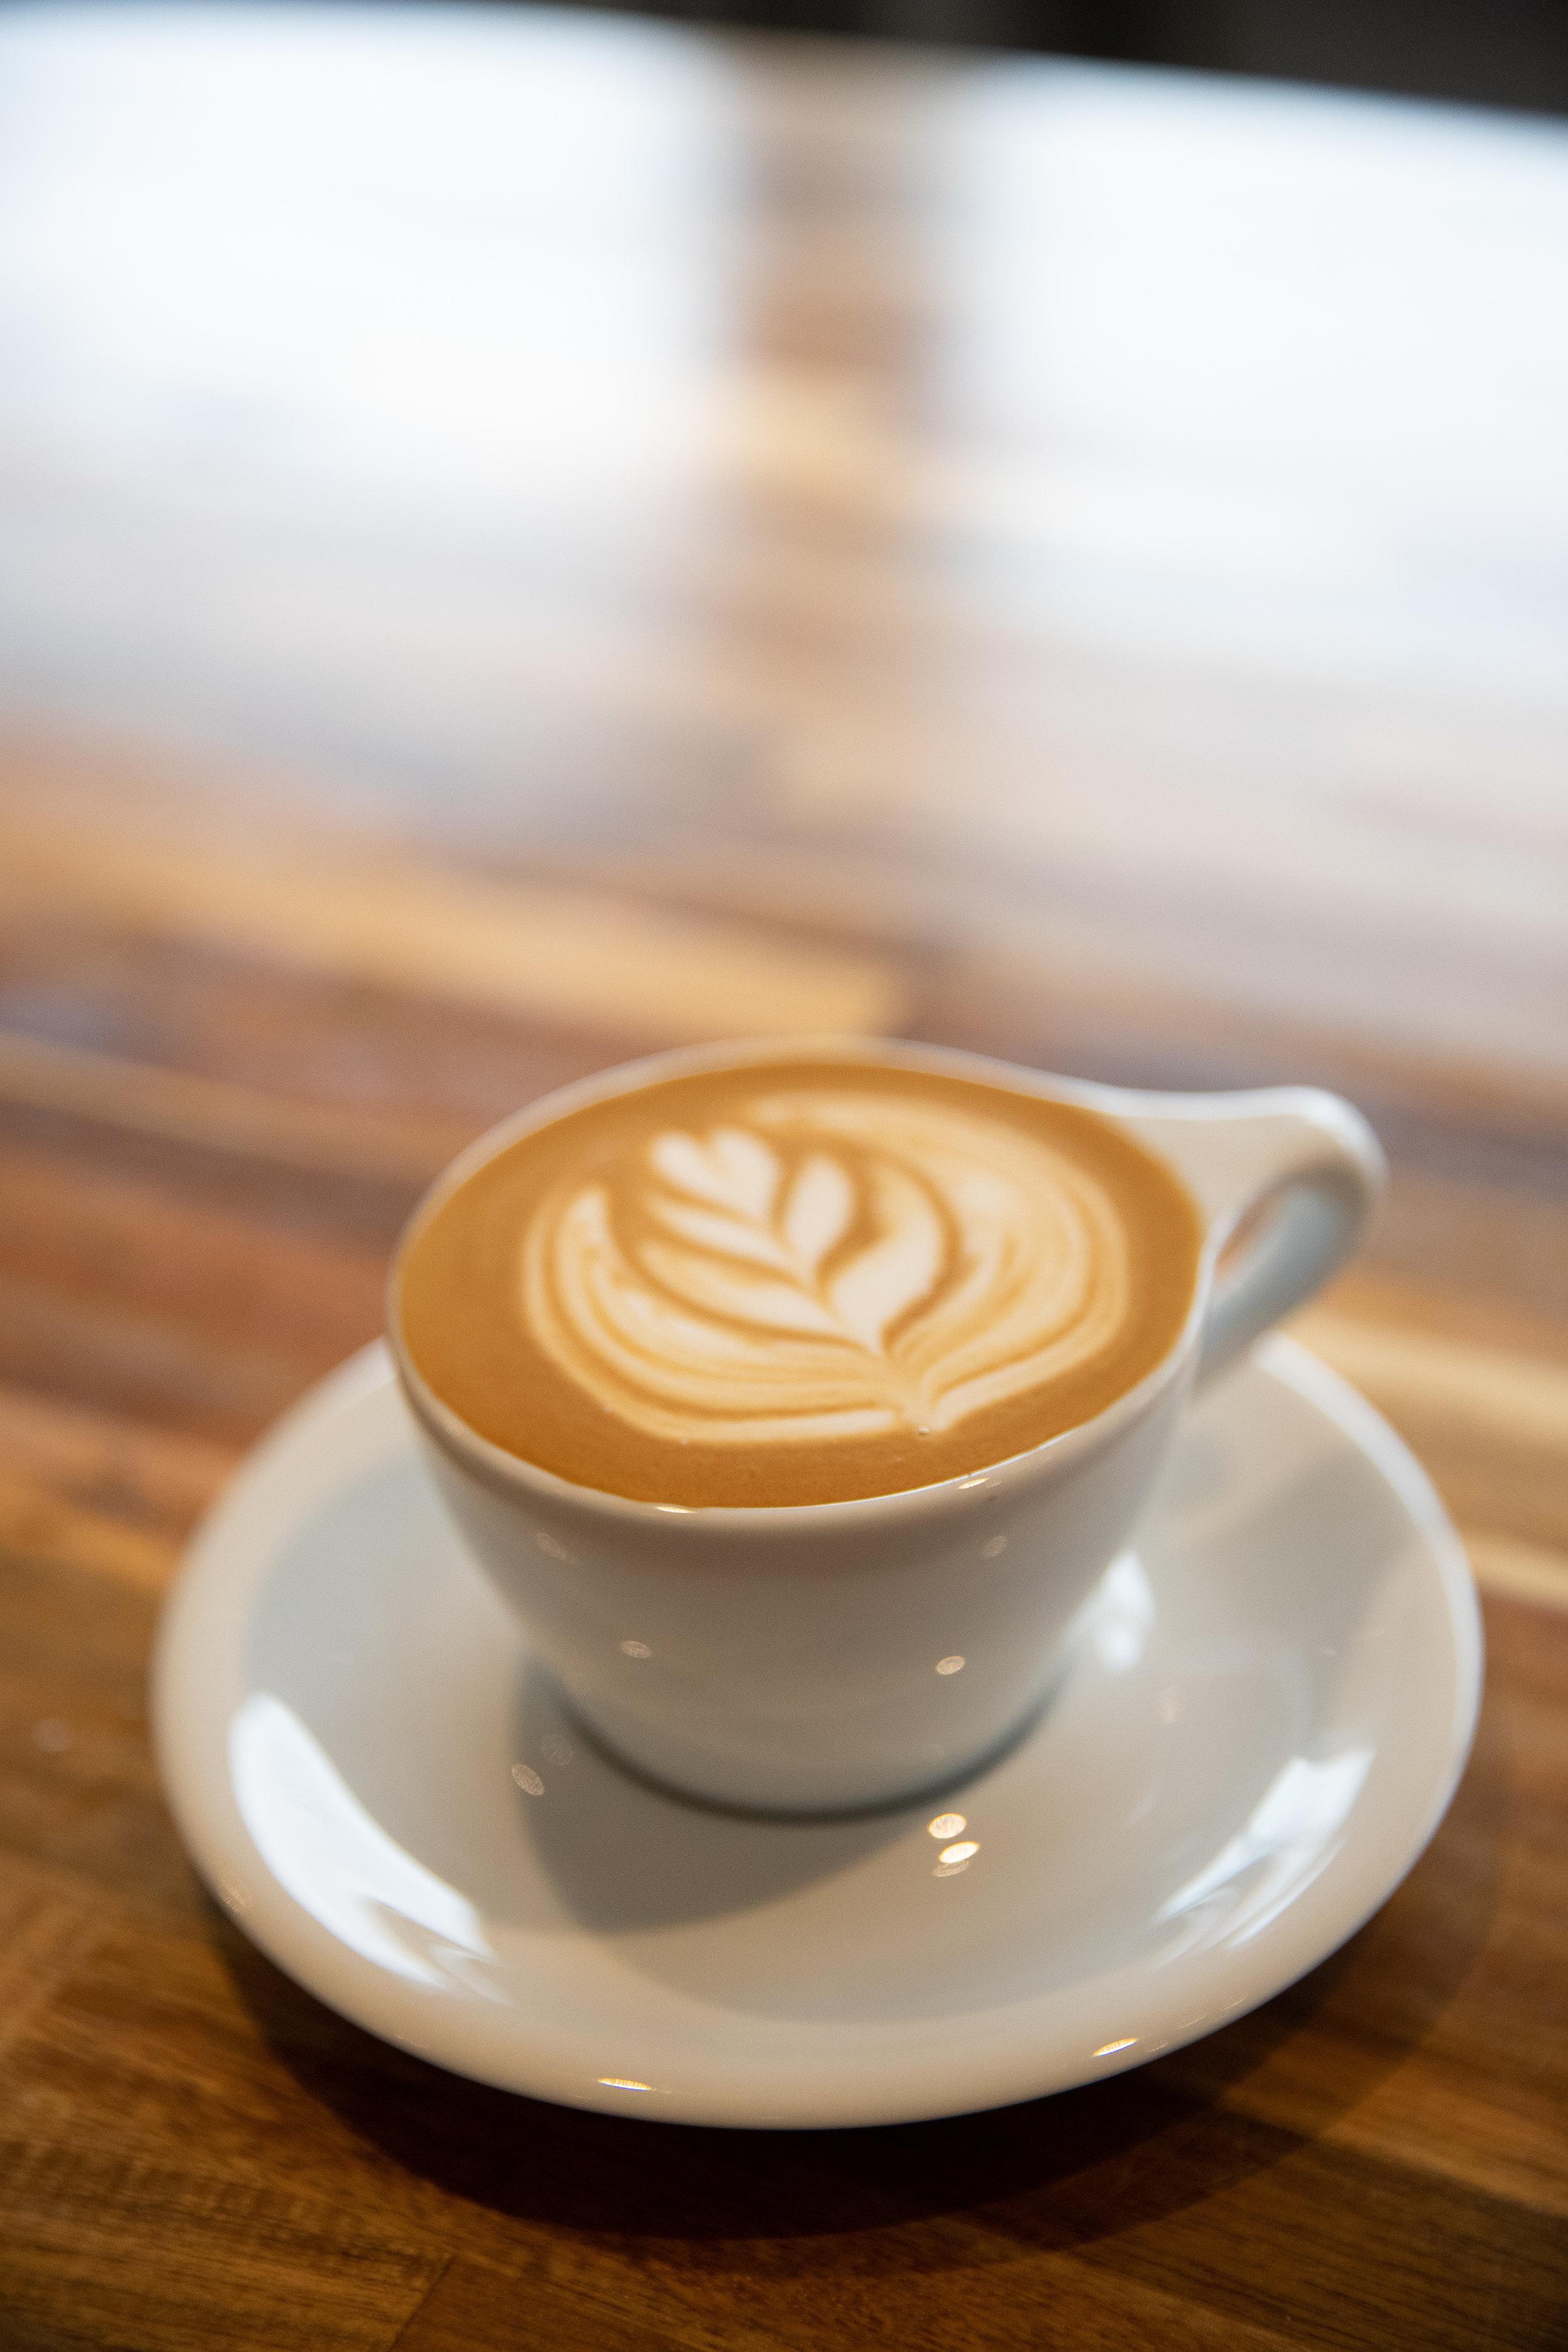 coffeeshop-photography-9I0624.jpg